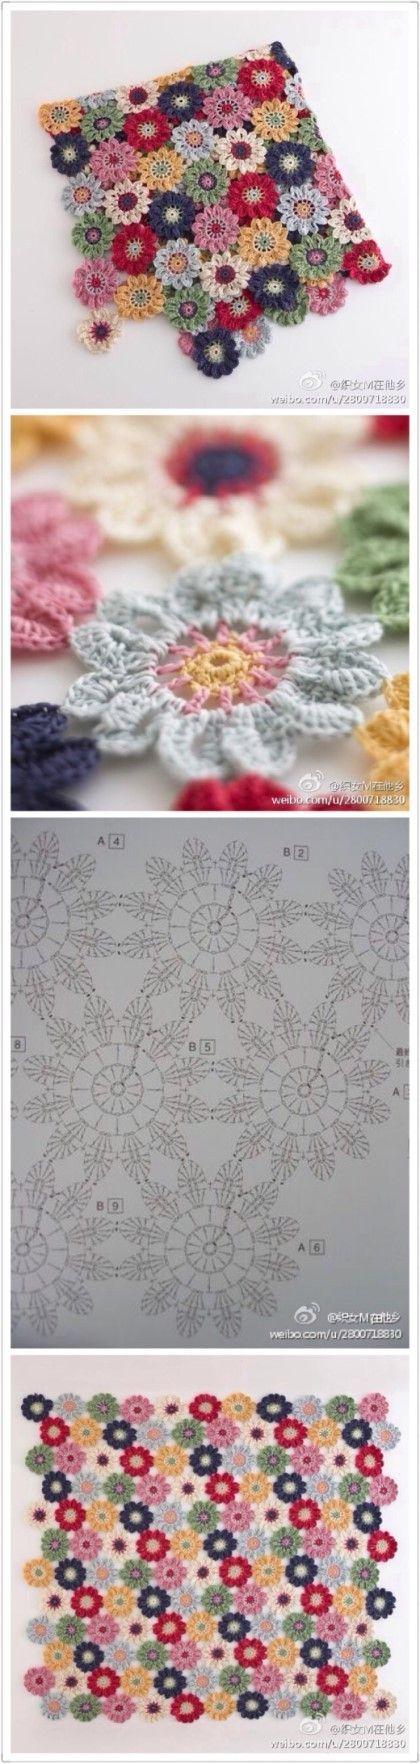 Crochet)New Patterns. 담요. 담요. 담요도 좋지만,스카프(머플러)나 숄 만들어도 이쁠 것 같아요. 아이...